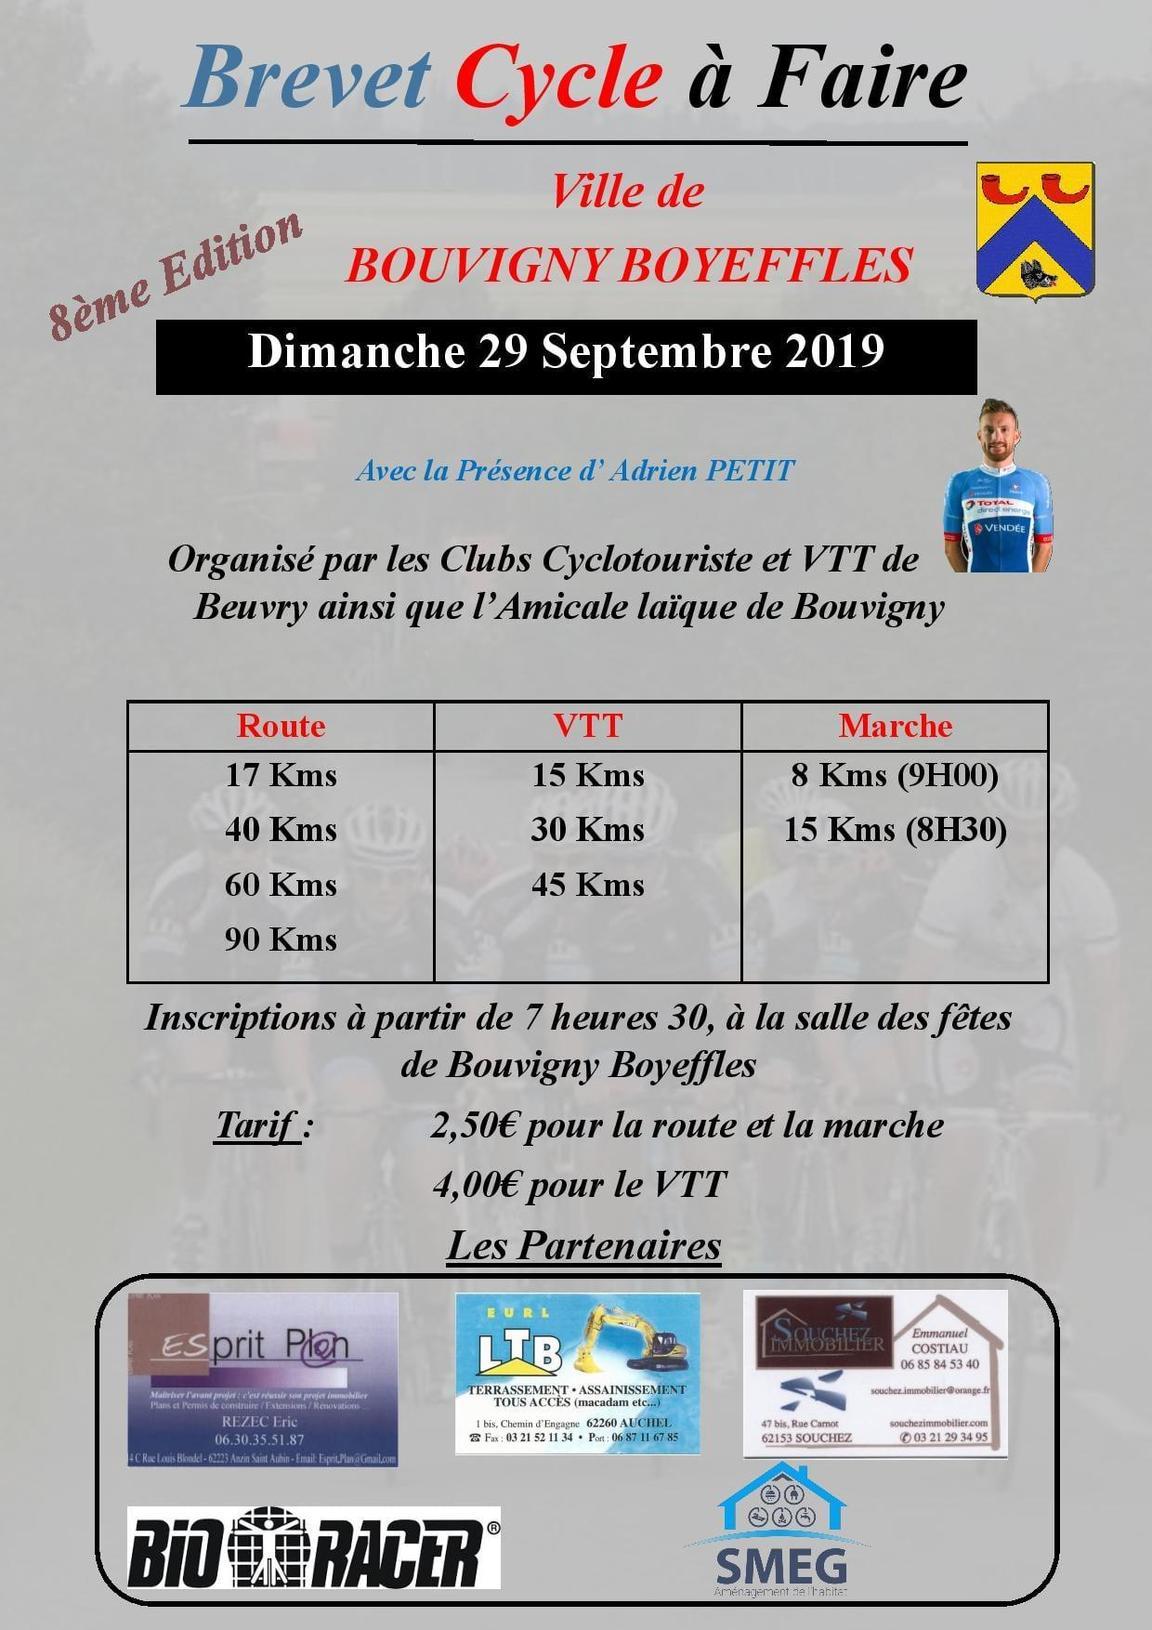 Bouvigny Boyeffles - Flines (AL Cyclo) - Monts et Moulins